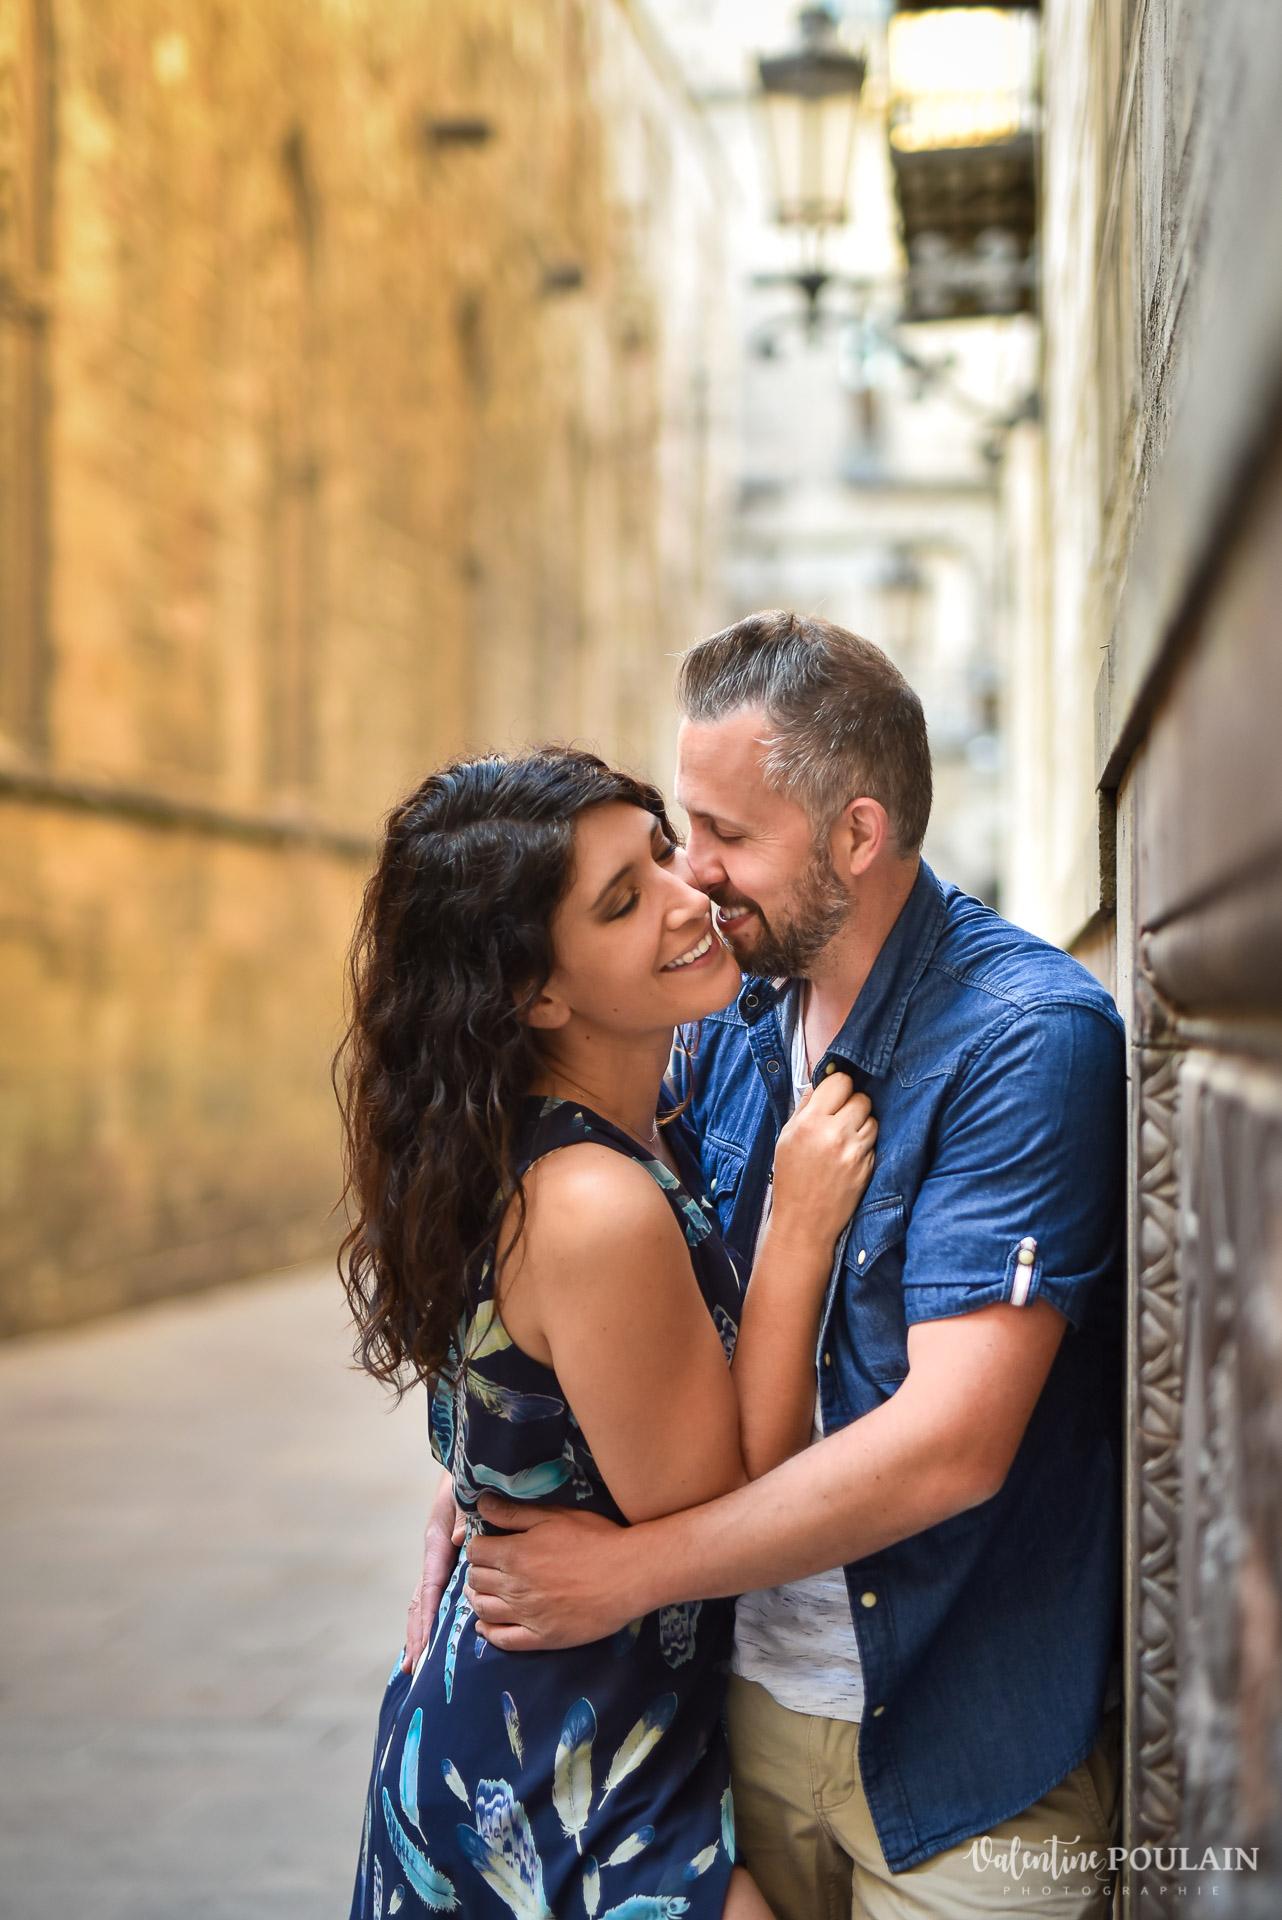 Séance photo couple Barcelone - Valentine Poulain rires